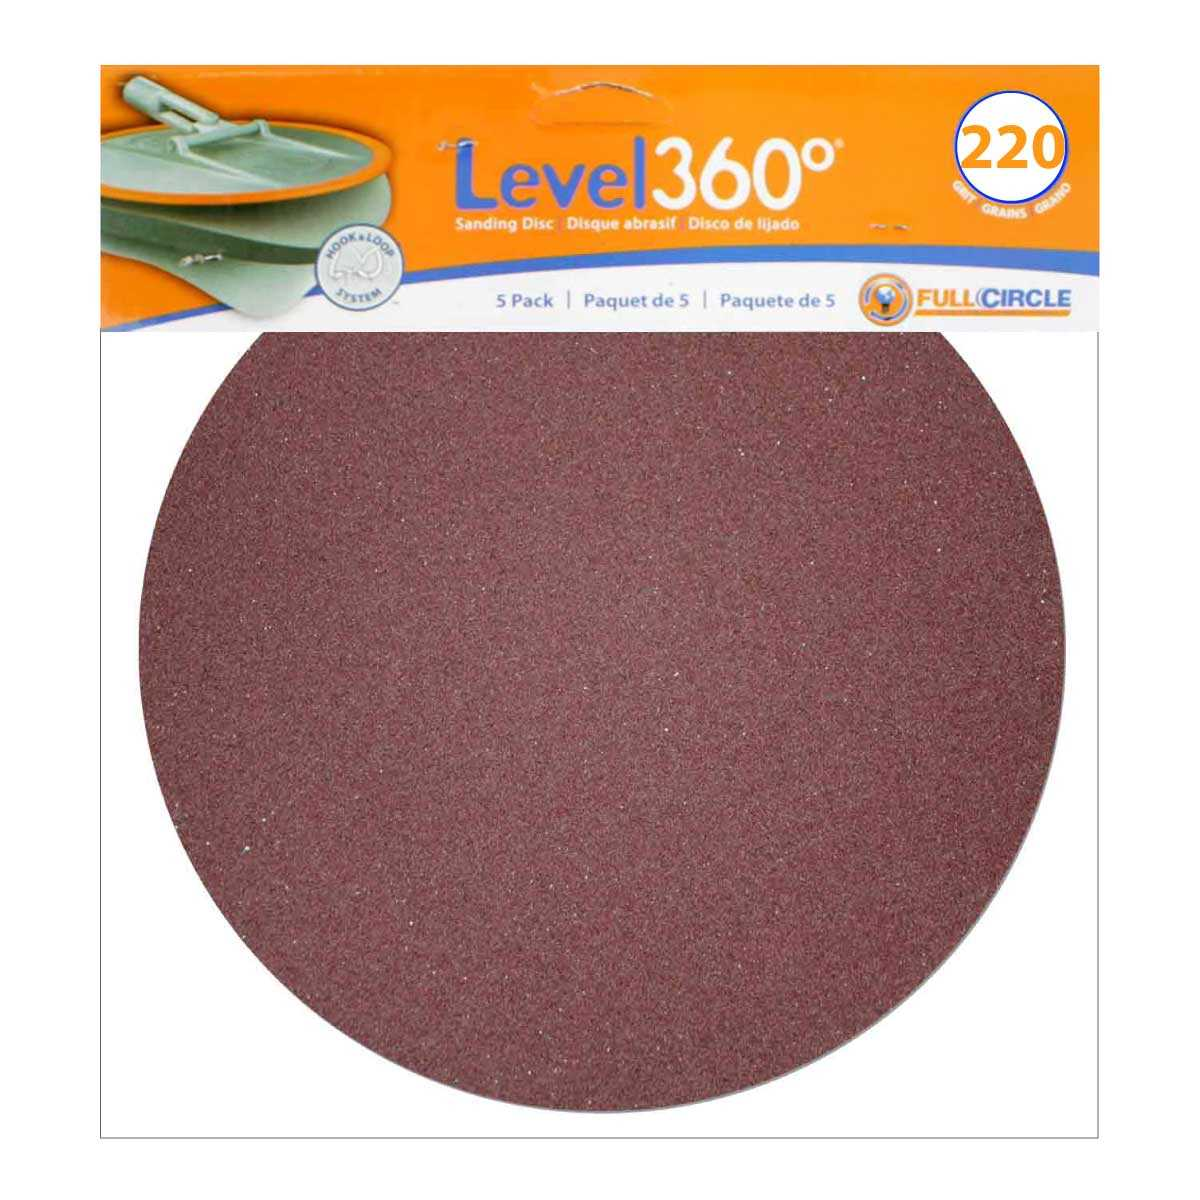 Level 360 Sanding Discs 9